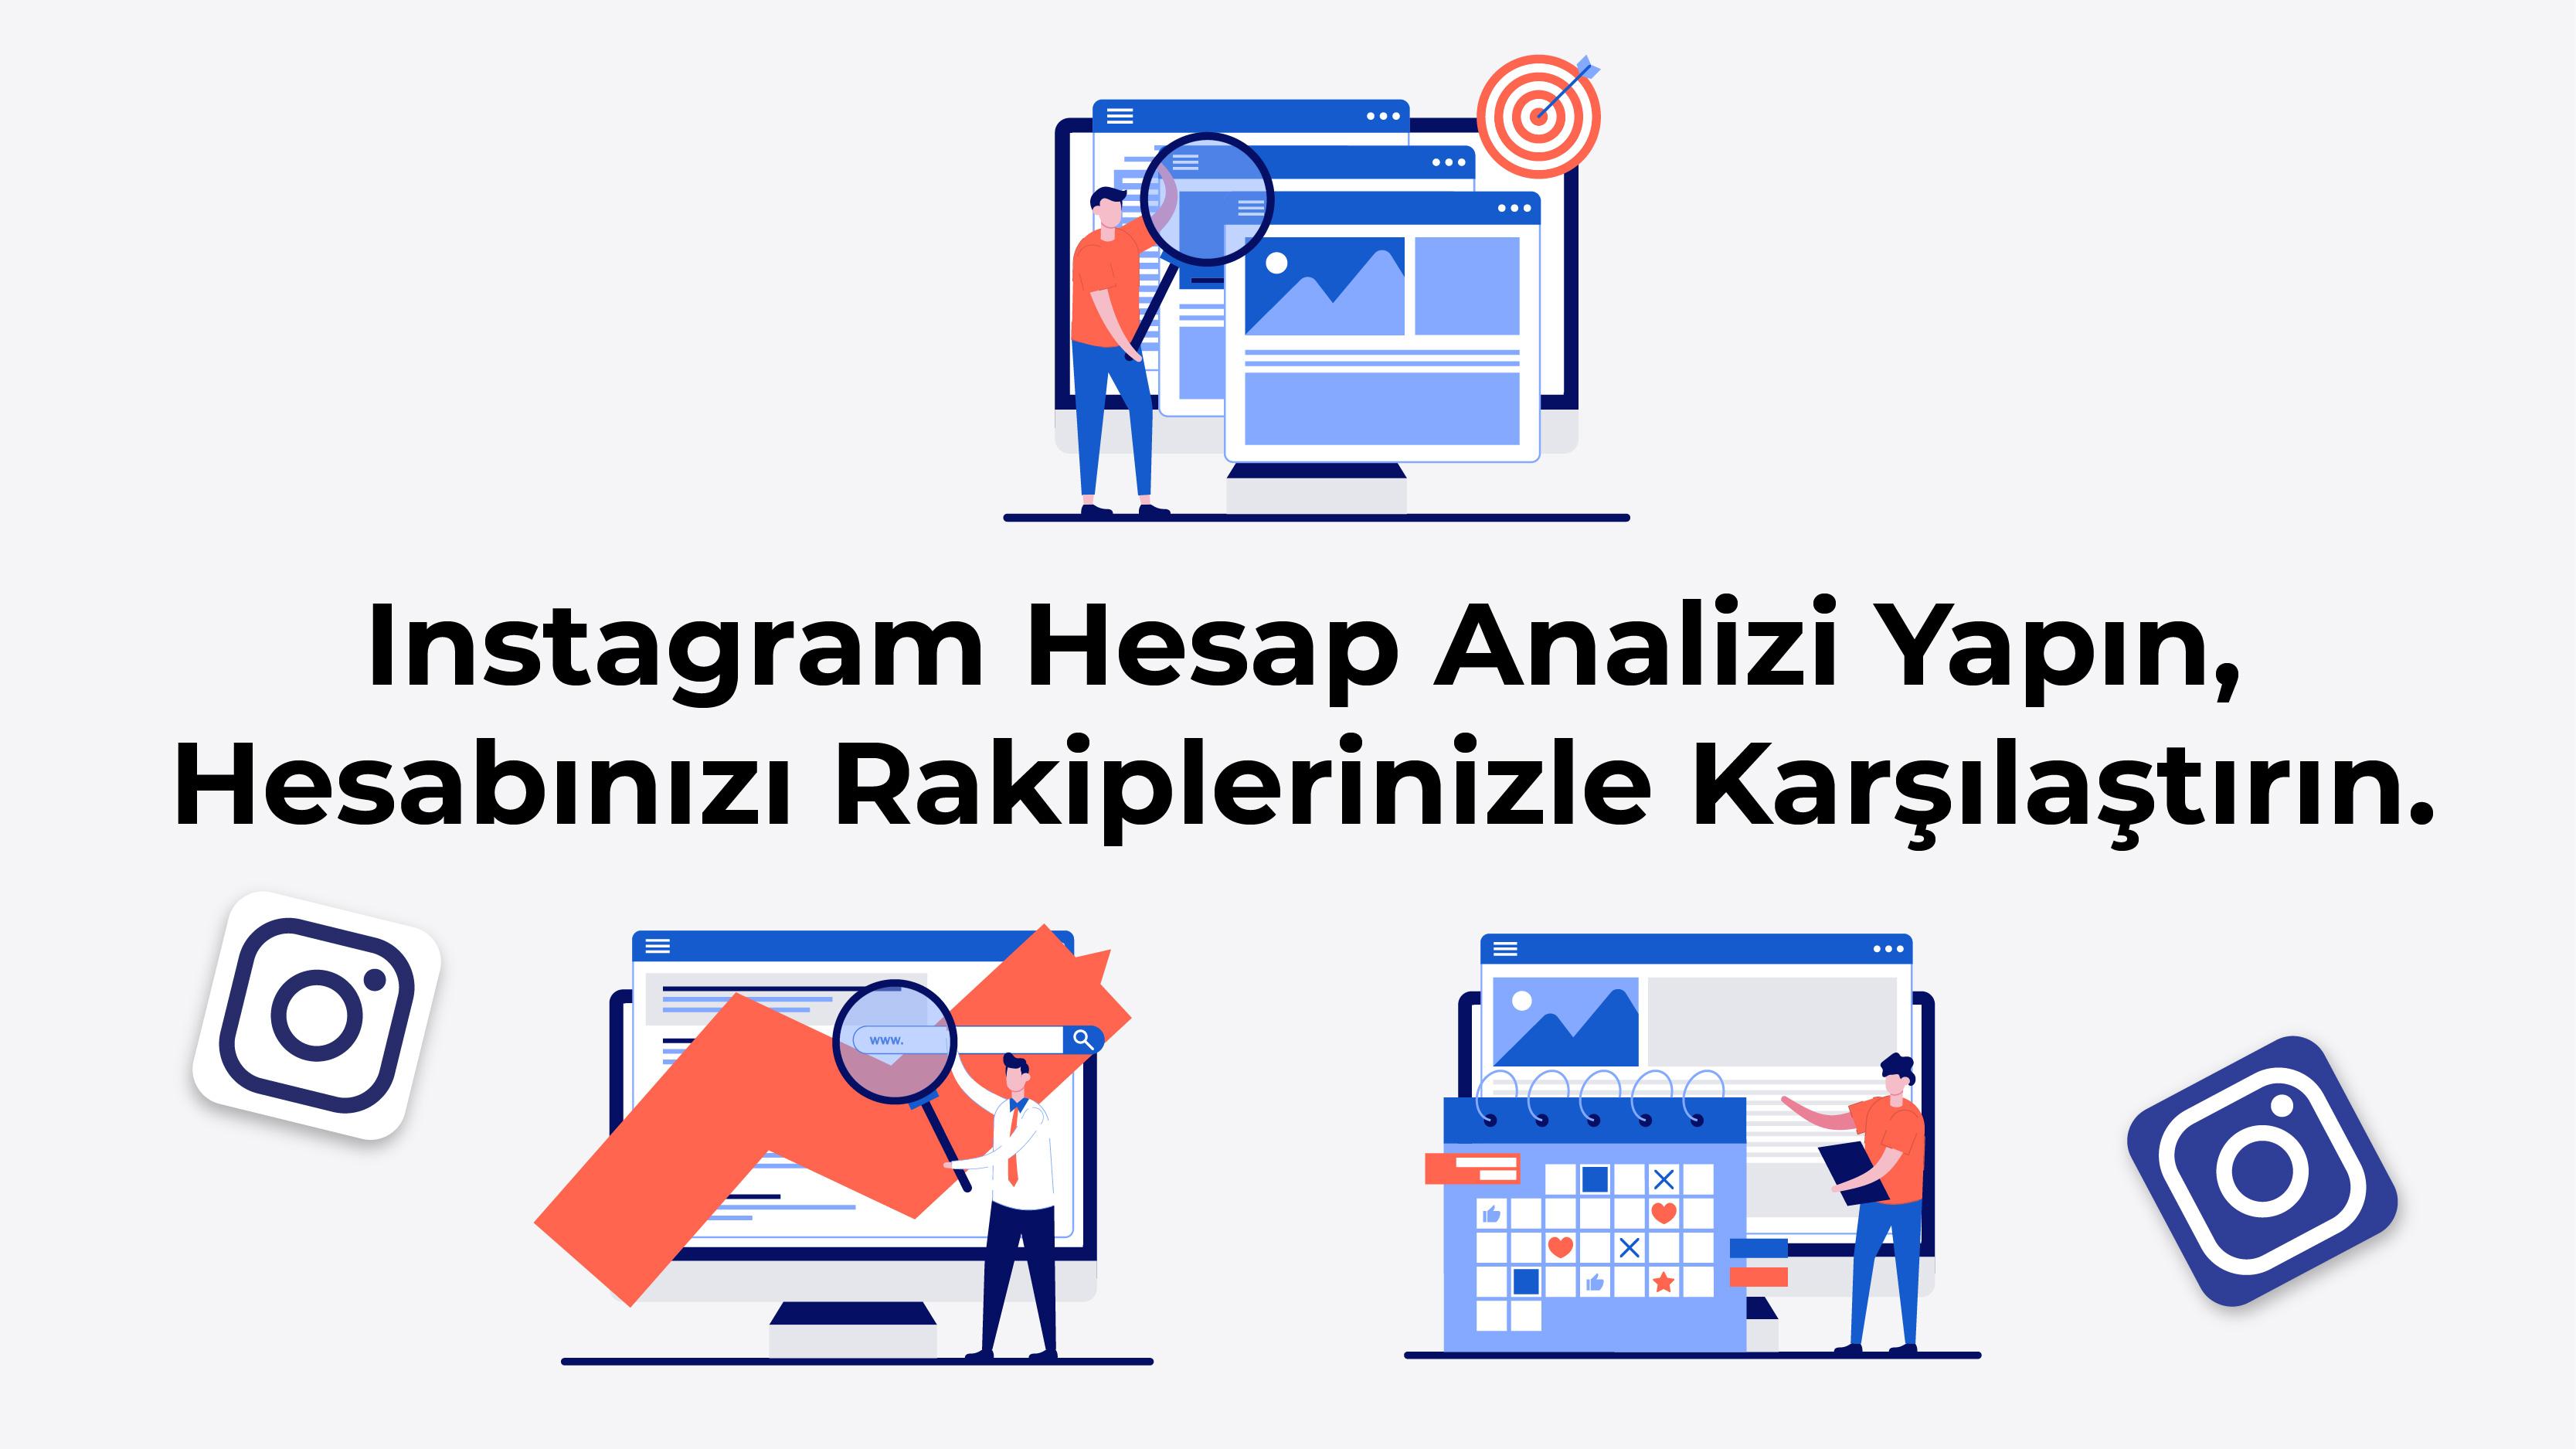 Instagram Hesap Analizi Nasıl Yapılır?